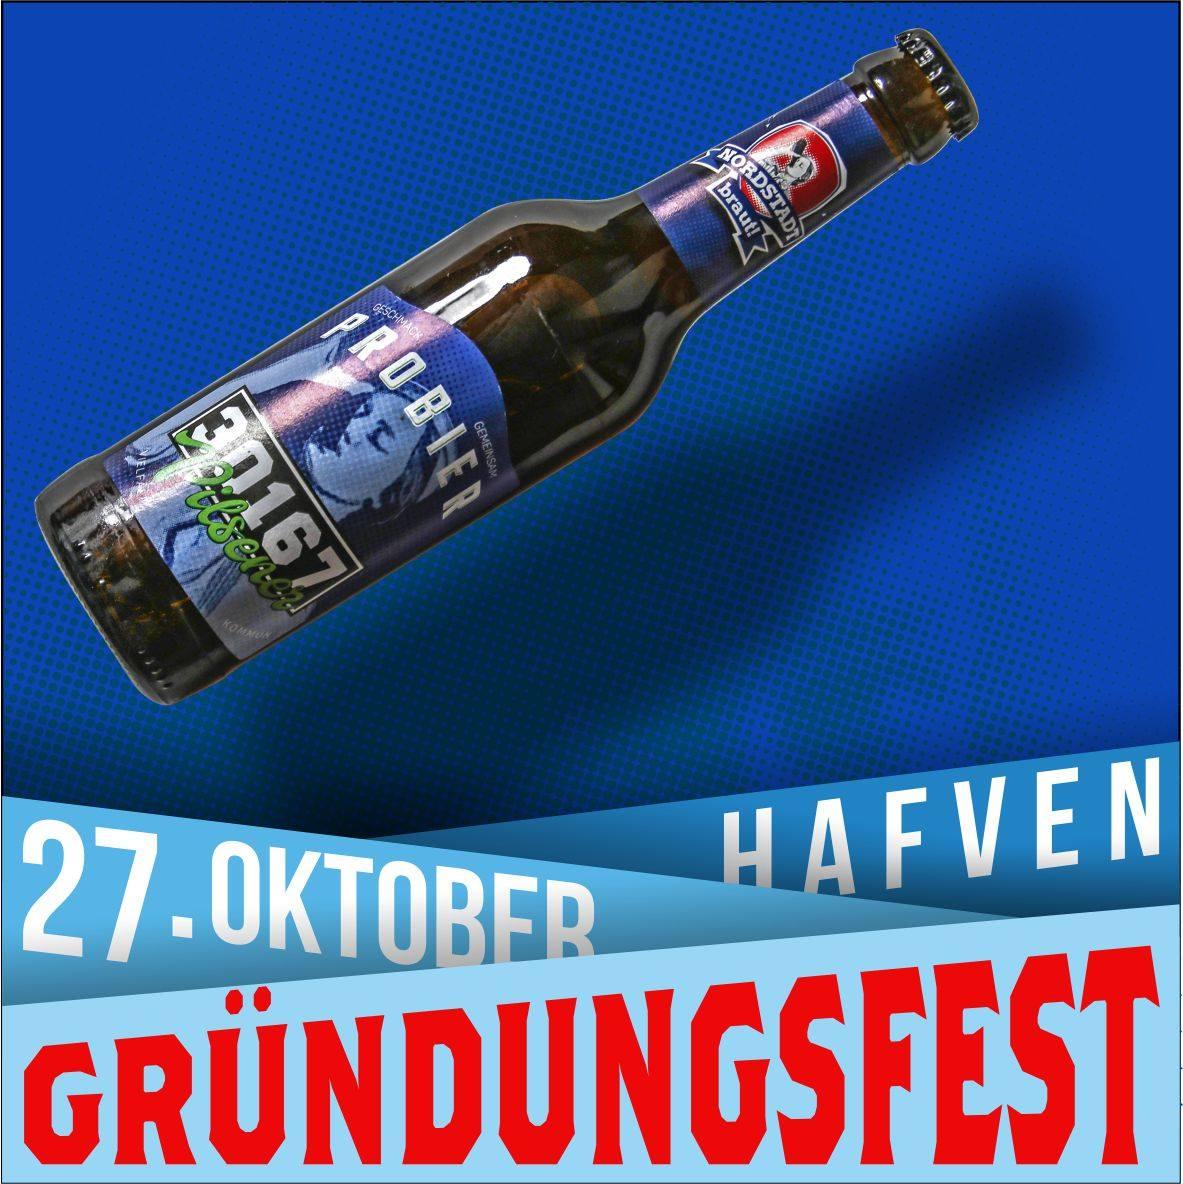 Gründungsfest 27.10.2017